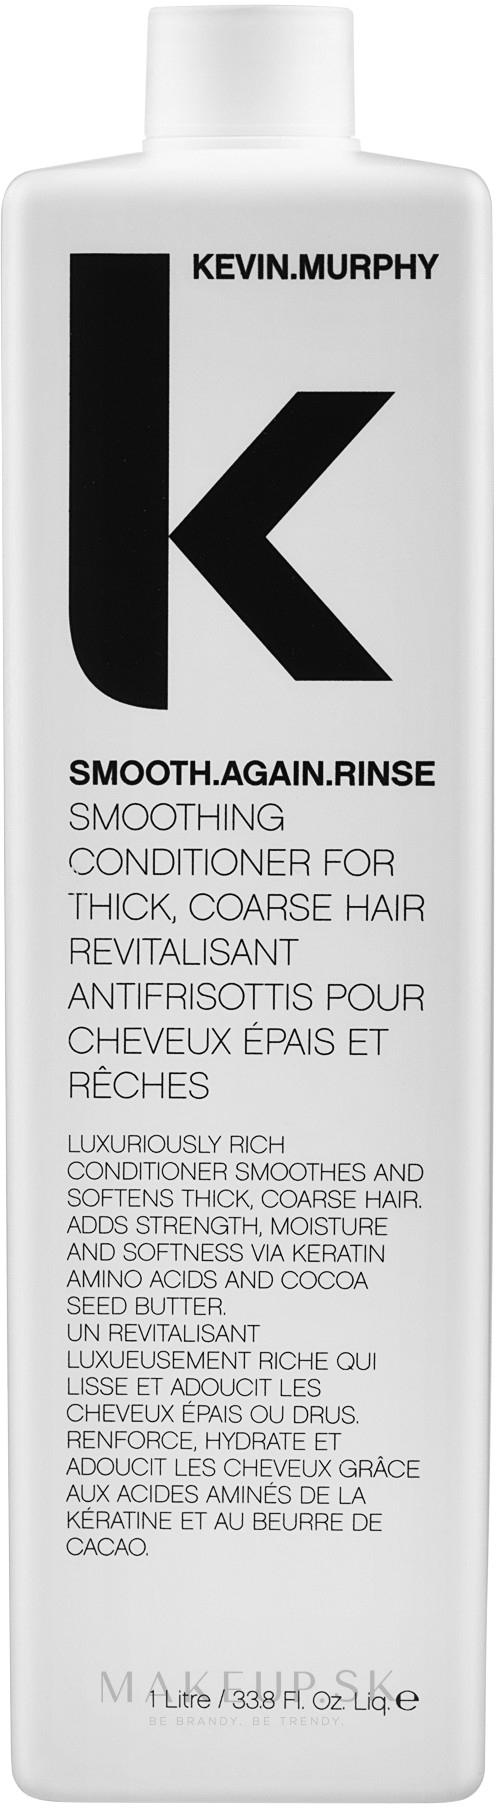 Vyhladzujúci kondicionér pre tenké vlasy - Kevin.Murphy Smooth Again Rinse Conditioner For Thick Hair — Obrázky 1000 ml